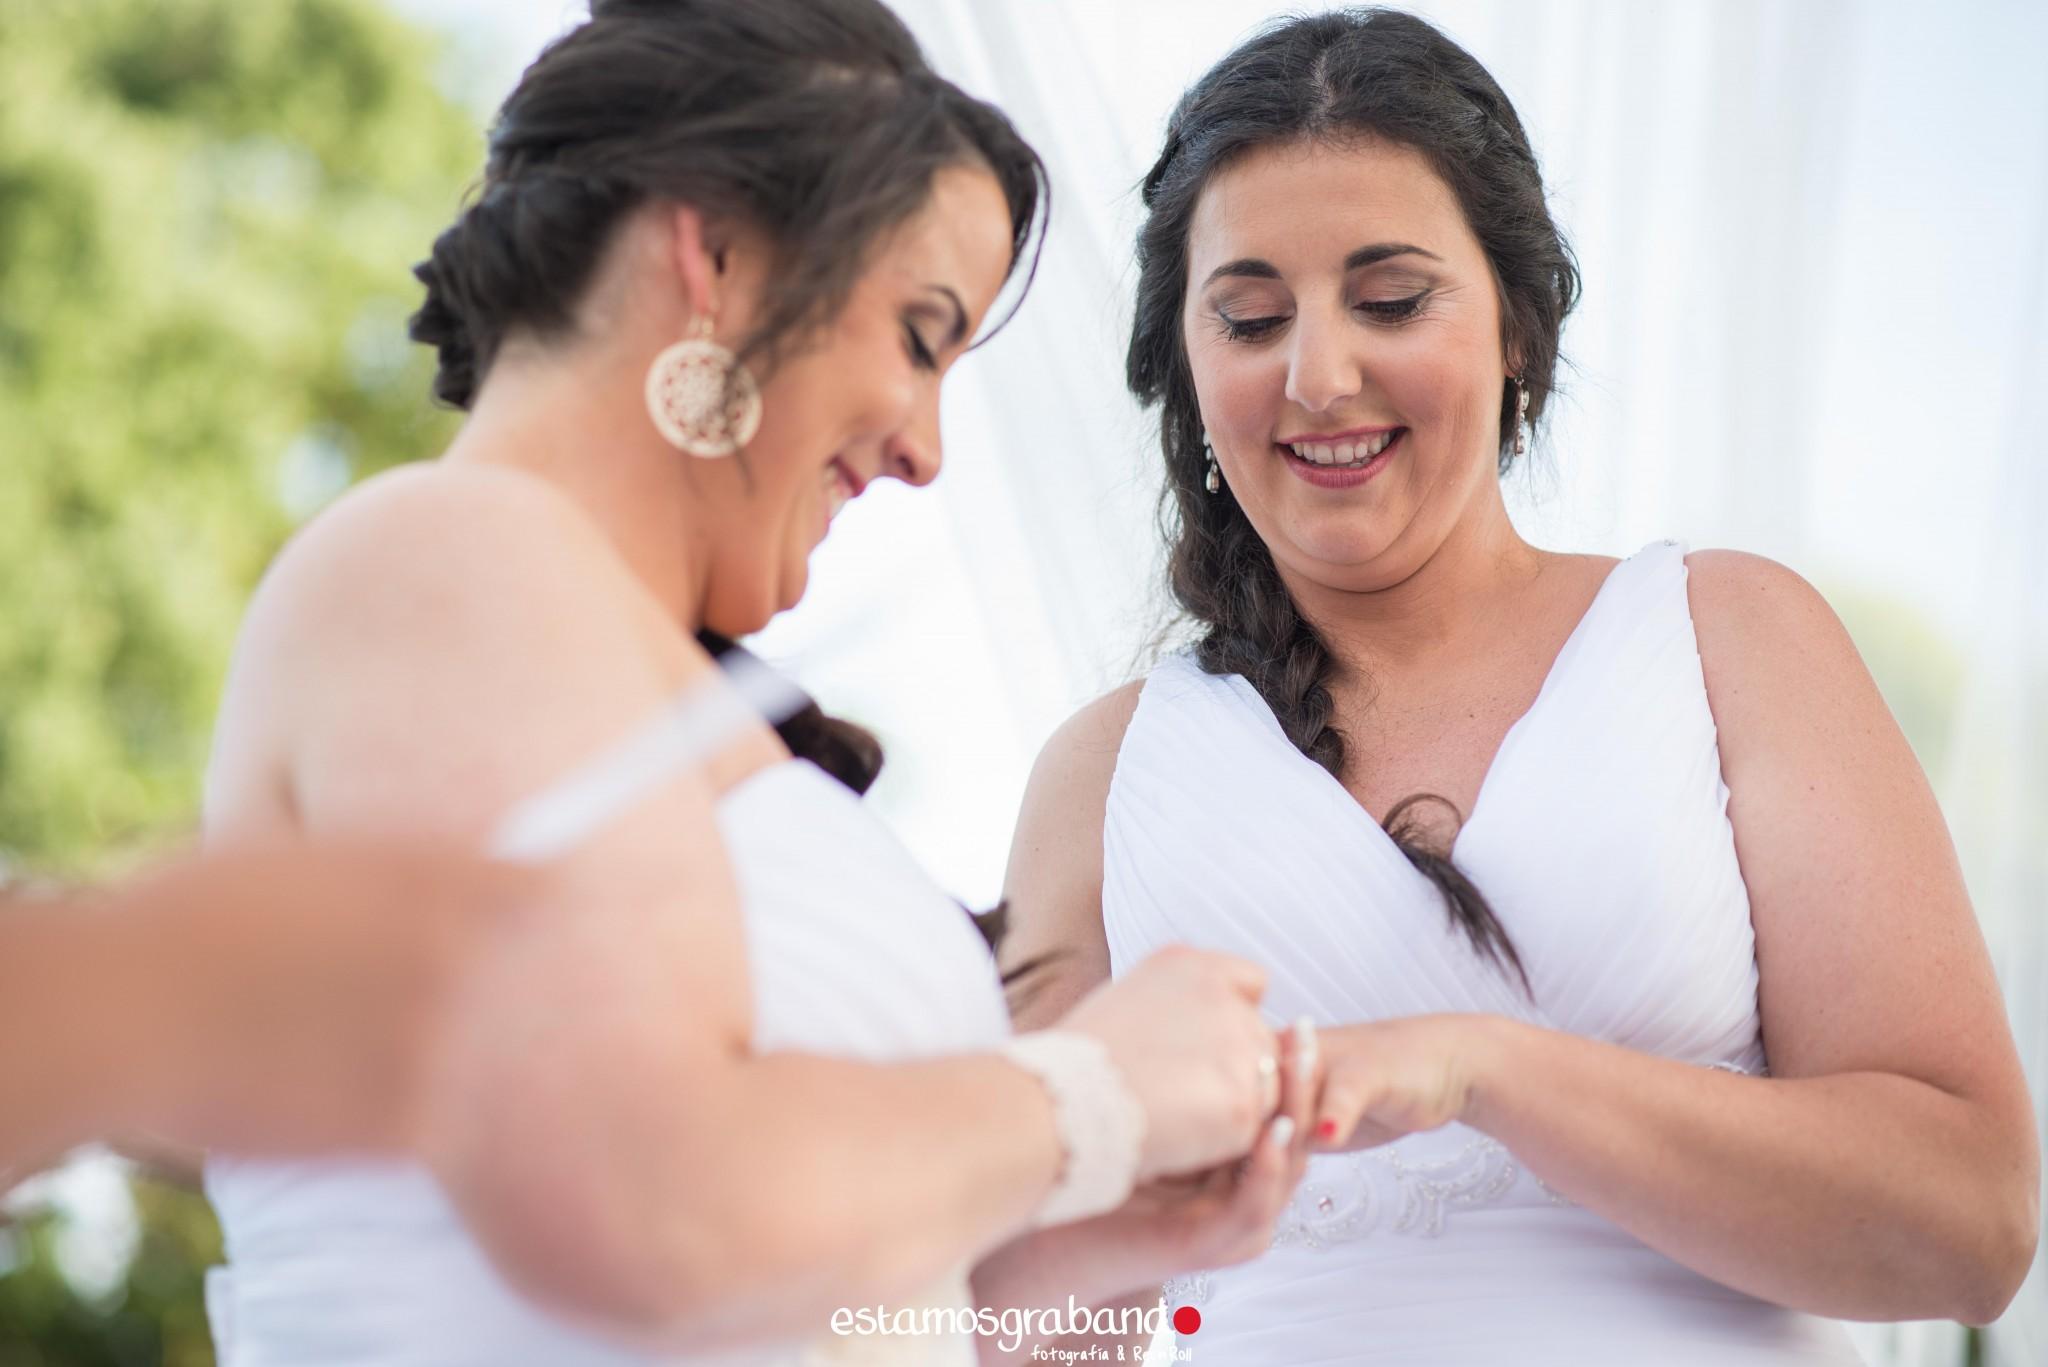 Cris-Rebeca-34 Fotografía de Boda, Rebeca & Cristina - video boda cadiz